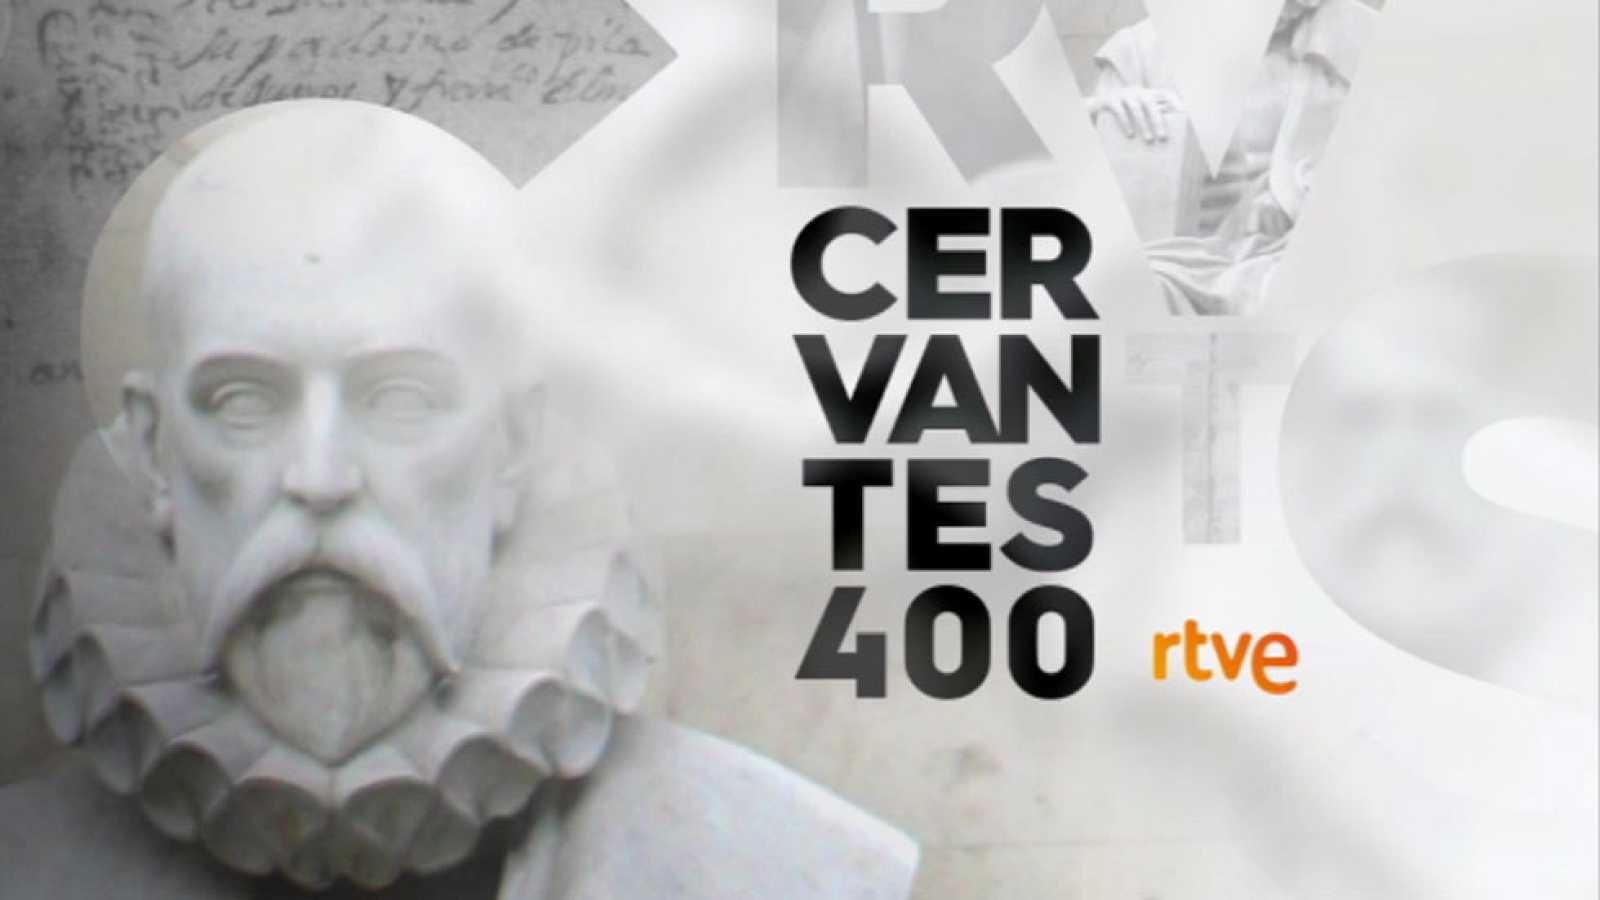 RTVE ha preparado una programación especial bajo el lema ¿RTVE Pasión por Cervantes¿ para conmemorar el 400º aniversario de la muerte de Cervantes y su aportación al mundo de las letras y la cultura universal.